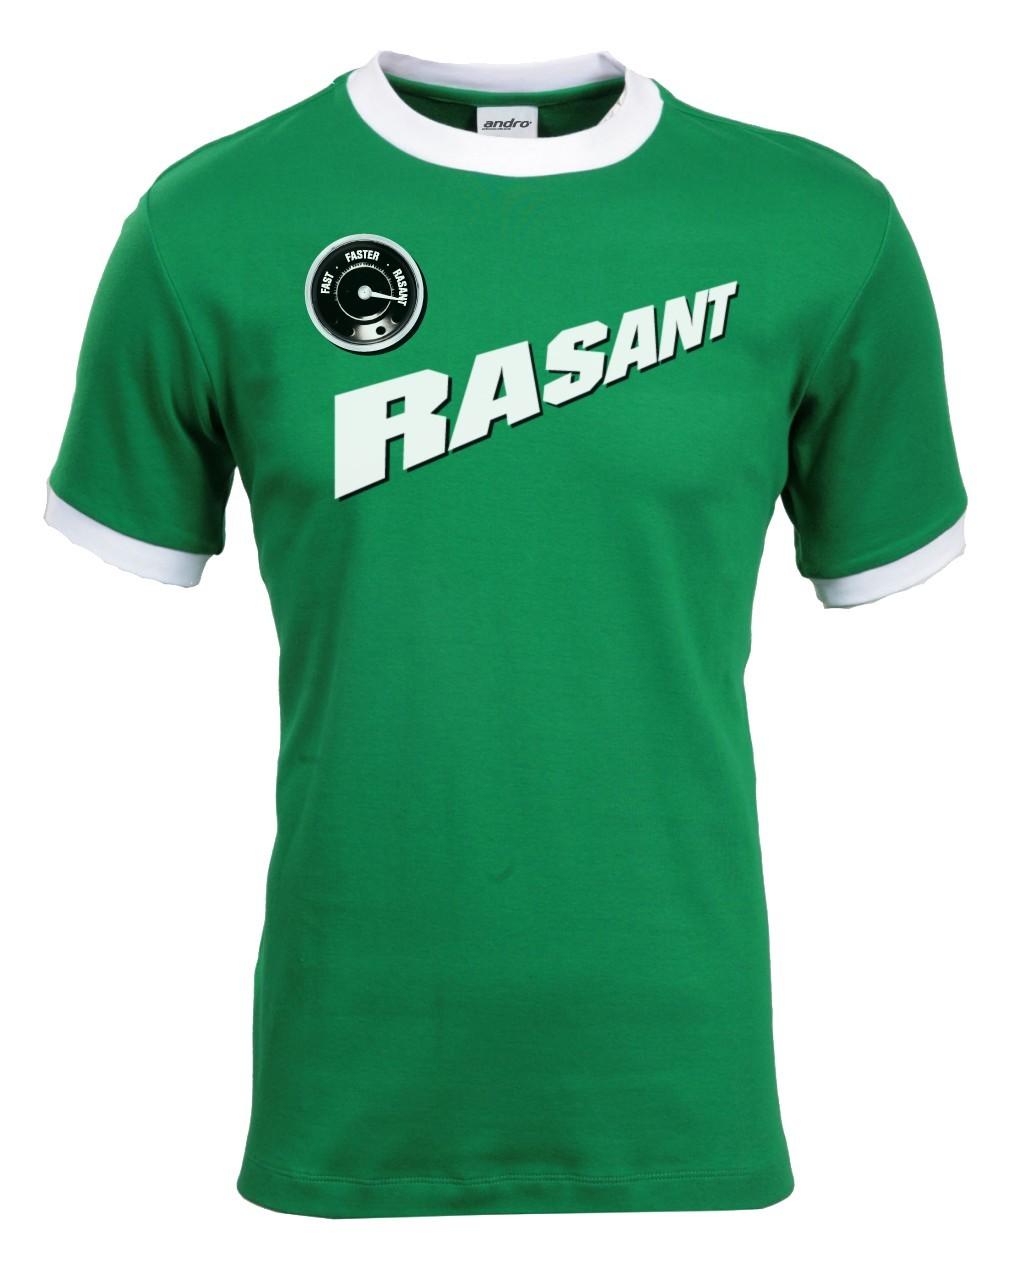 Теніска Andro Rasant 4f57f693f53a1